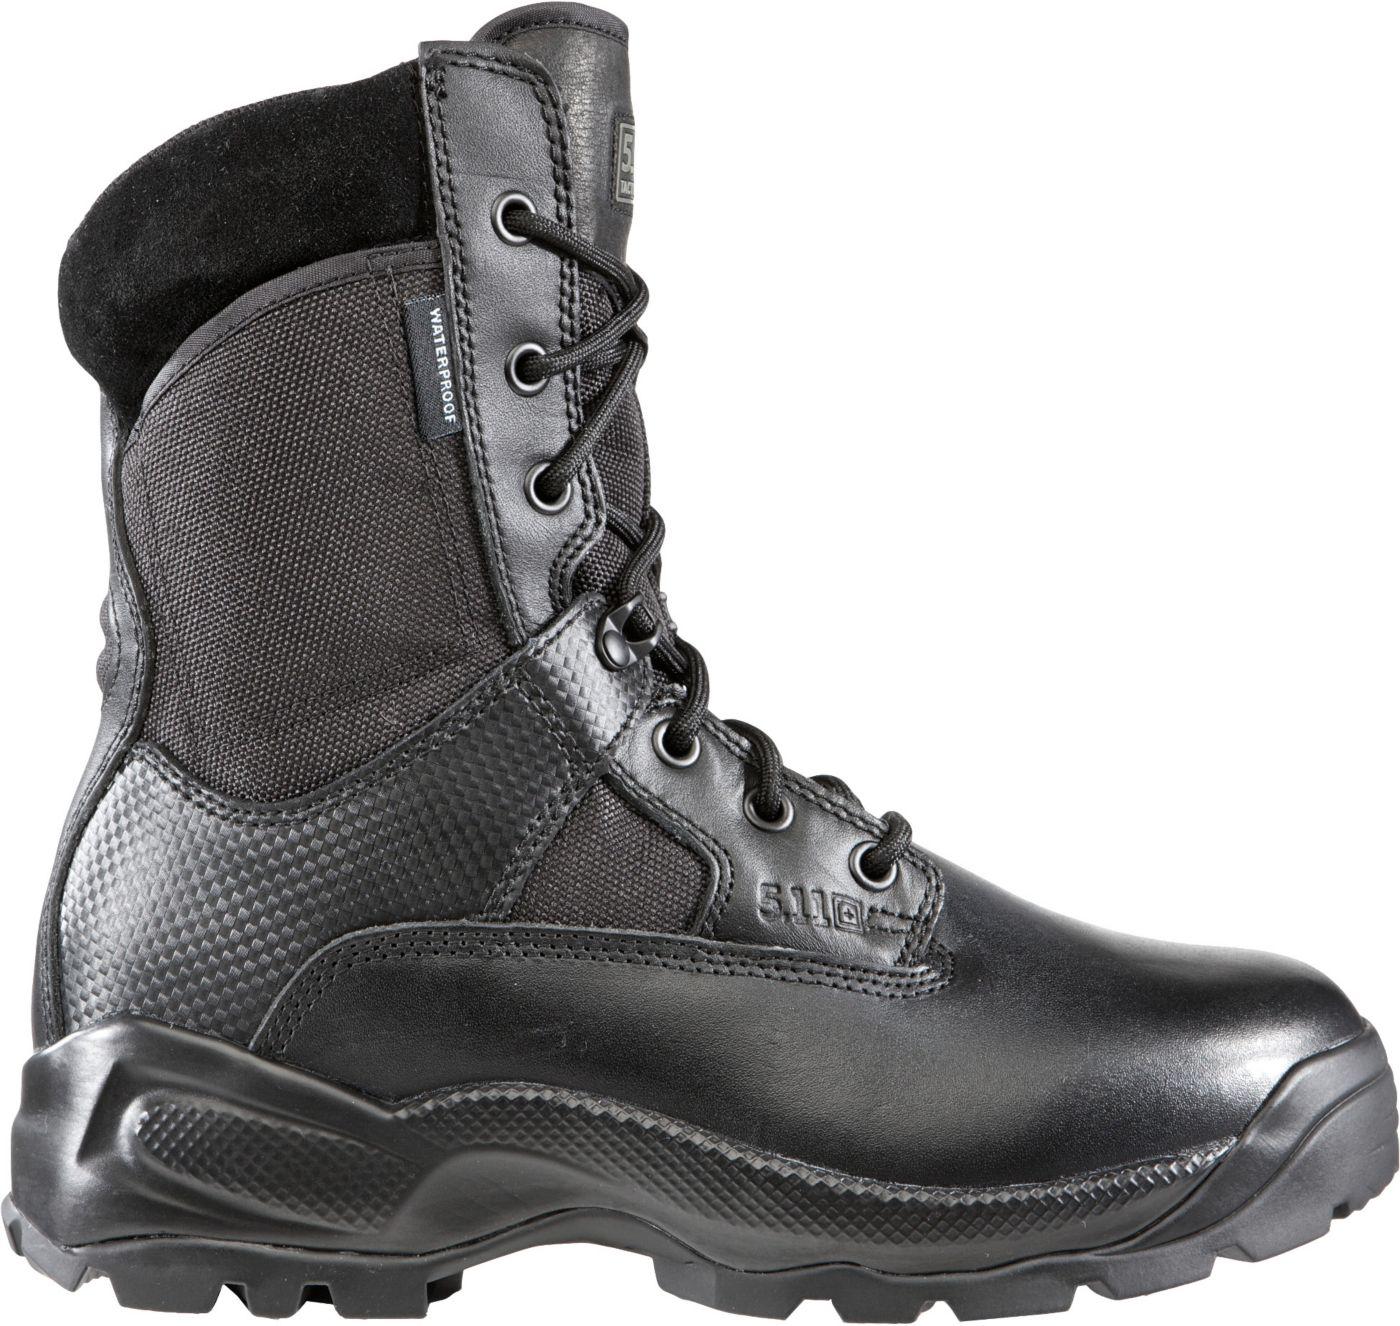 5.11 Tactical Men's A.T.A.C. Storm Waterproof Tactical Boots